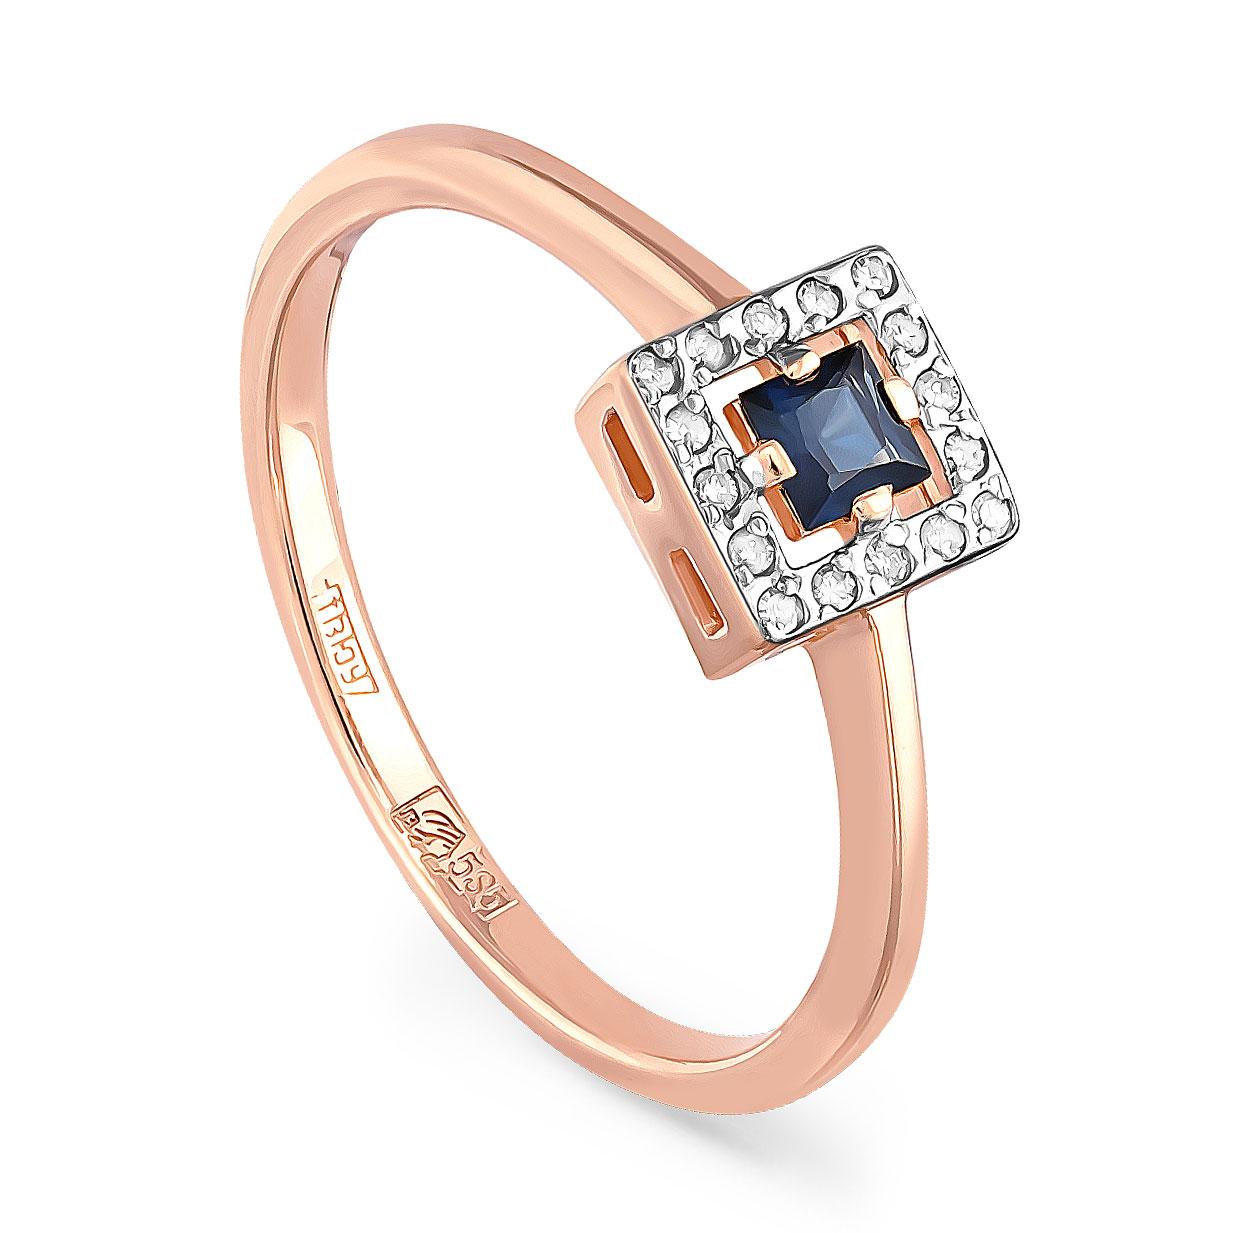 Золотое кольцо Бриллиант и Сапфир арт. 11-01023-1100 11-01023-1100